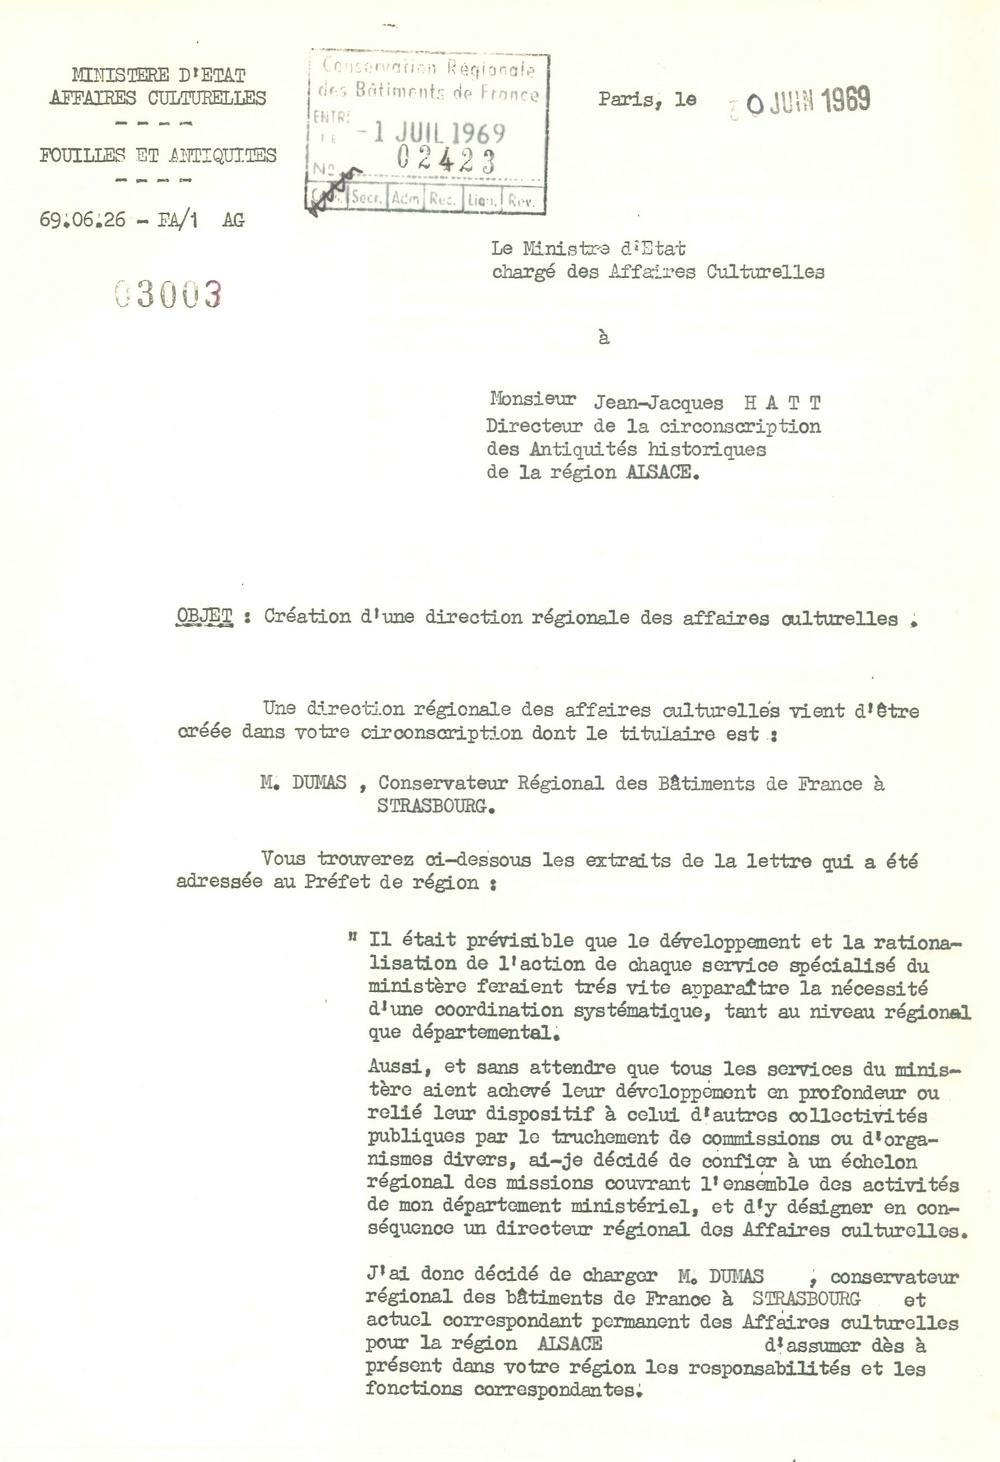 Circulaire du 30 juin 1969 relative à la création d'une direction régionale des affaires culturelles en Alsace